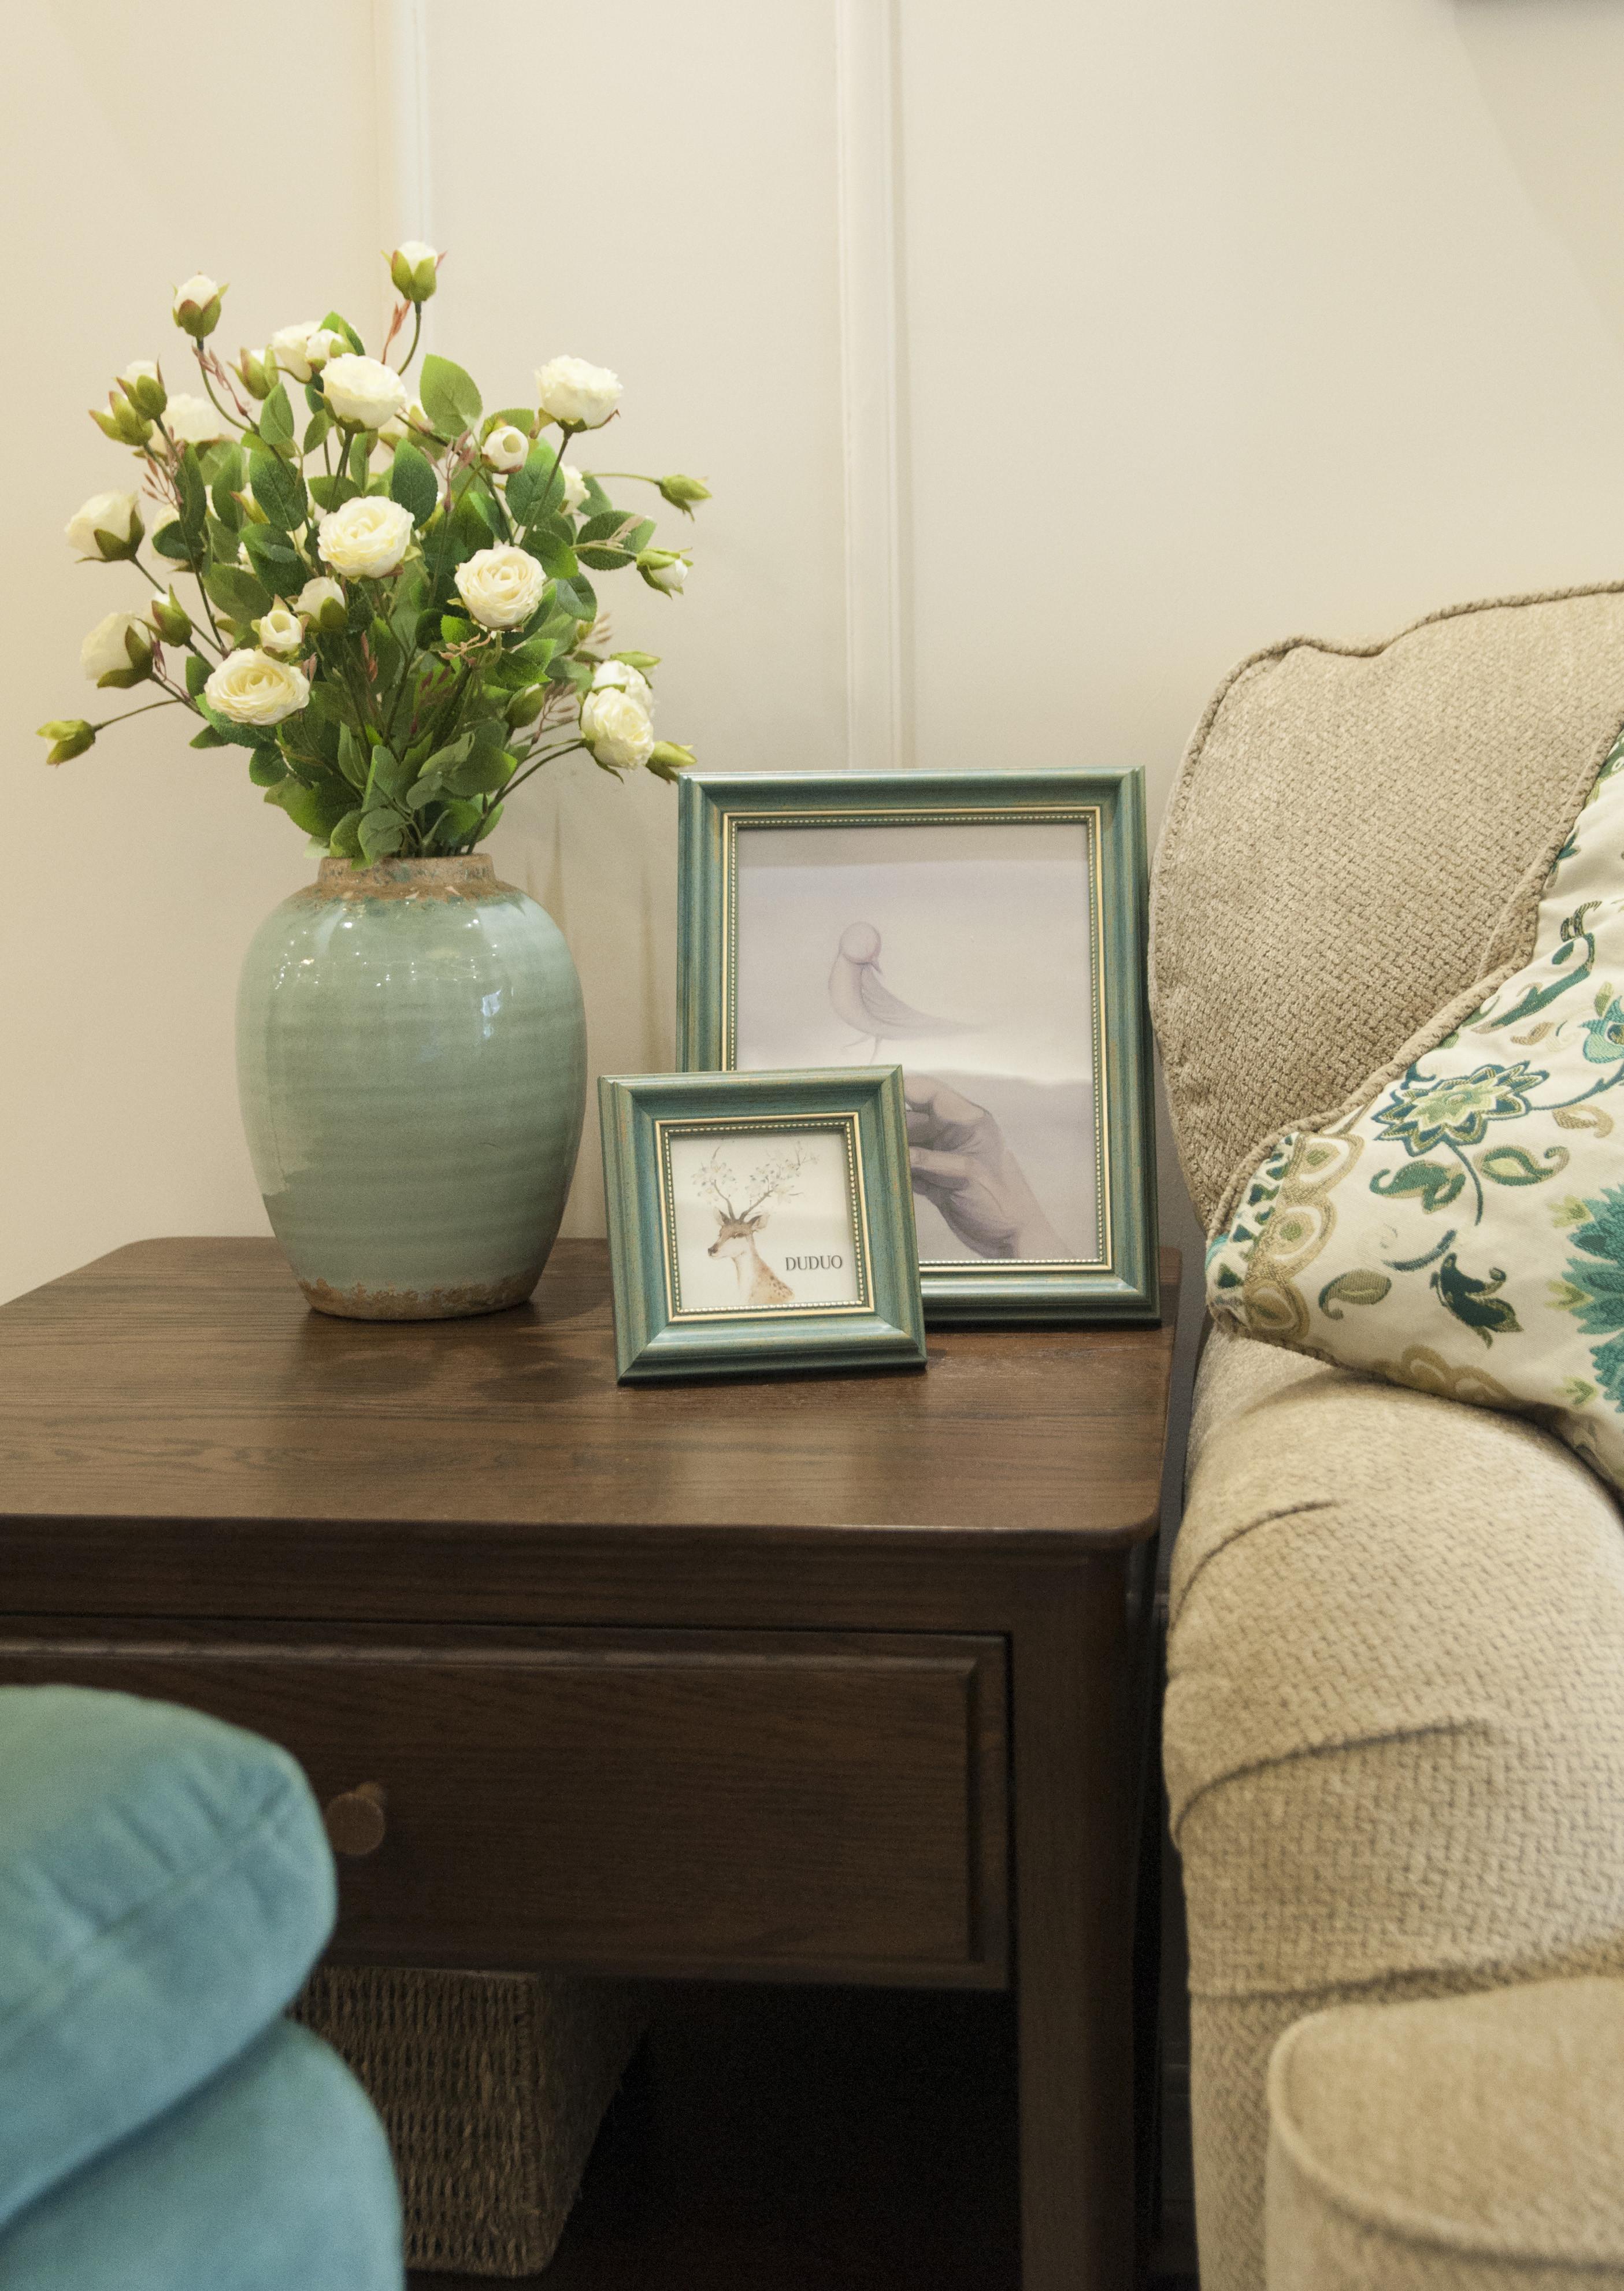 美式二居装修花瓶装饰